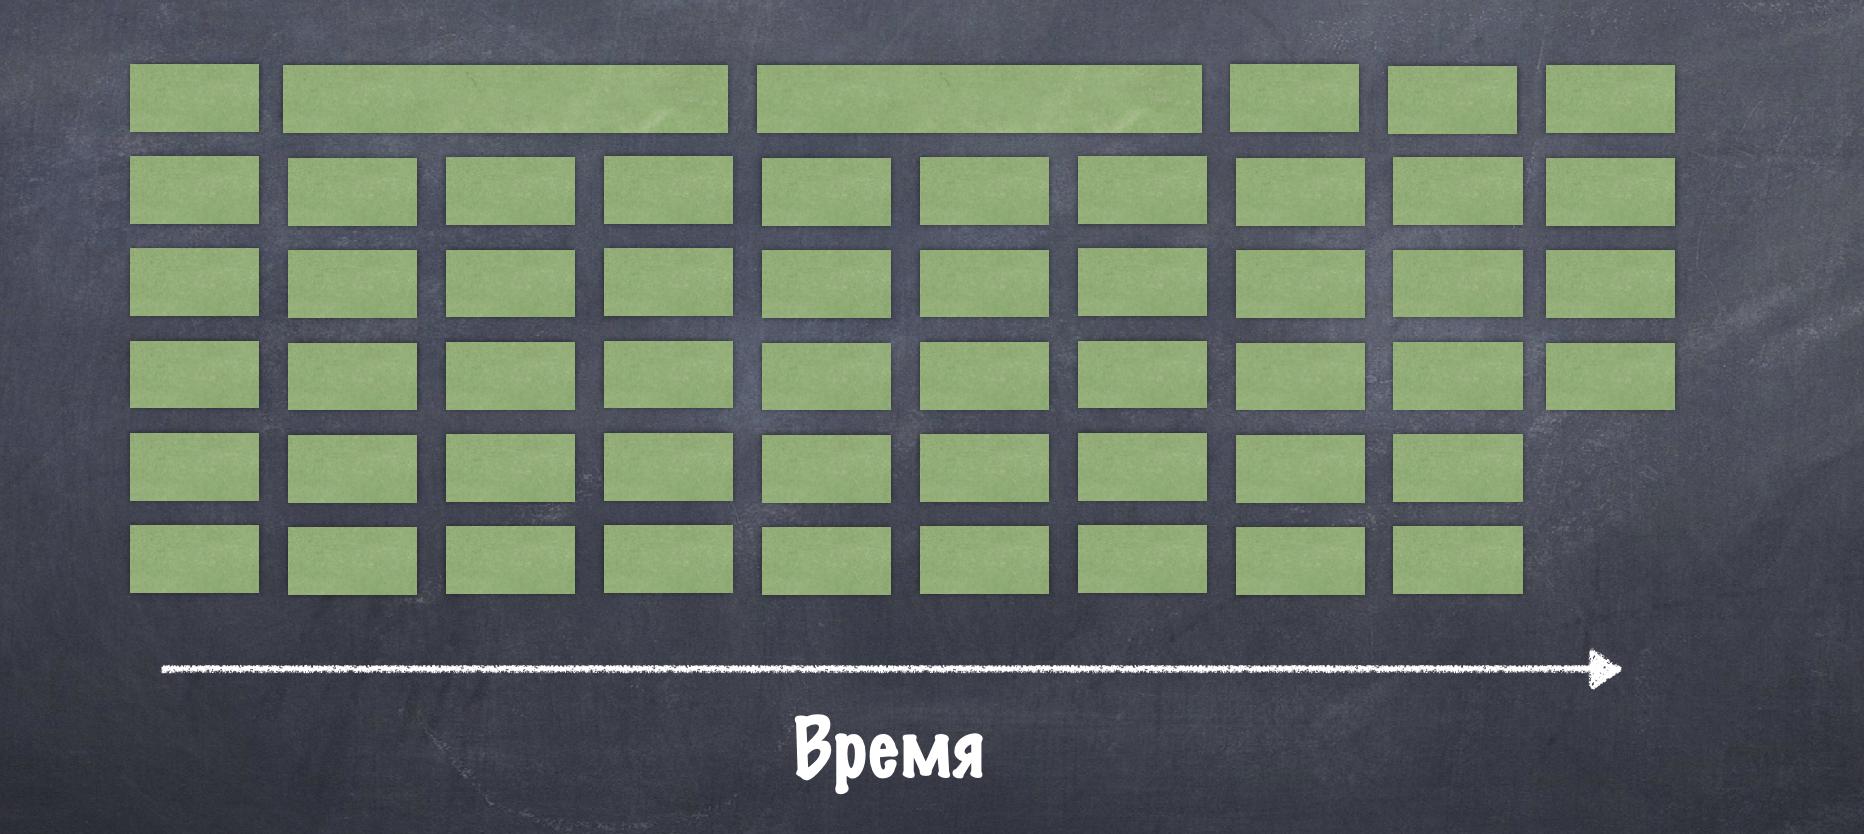 Хорошо загруженный пул (задачи равномерно распределены)54 блокирующих задачи (каждая по 1сек кроме 2ух), round-robin распределение по 6 рельсамPrefetch !